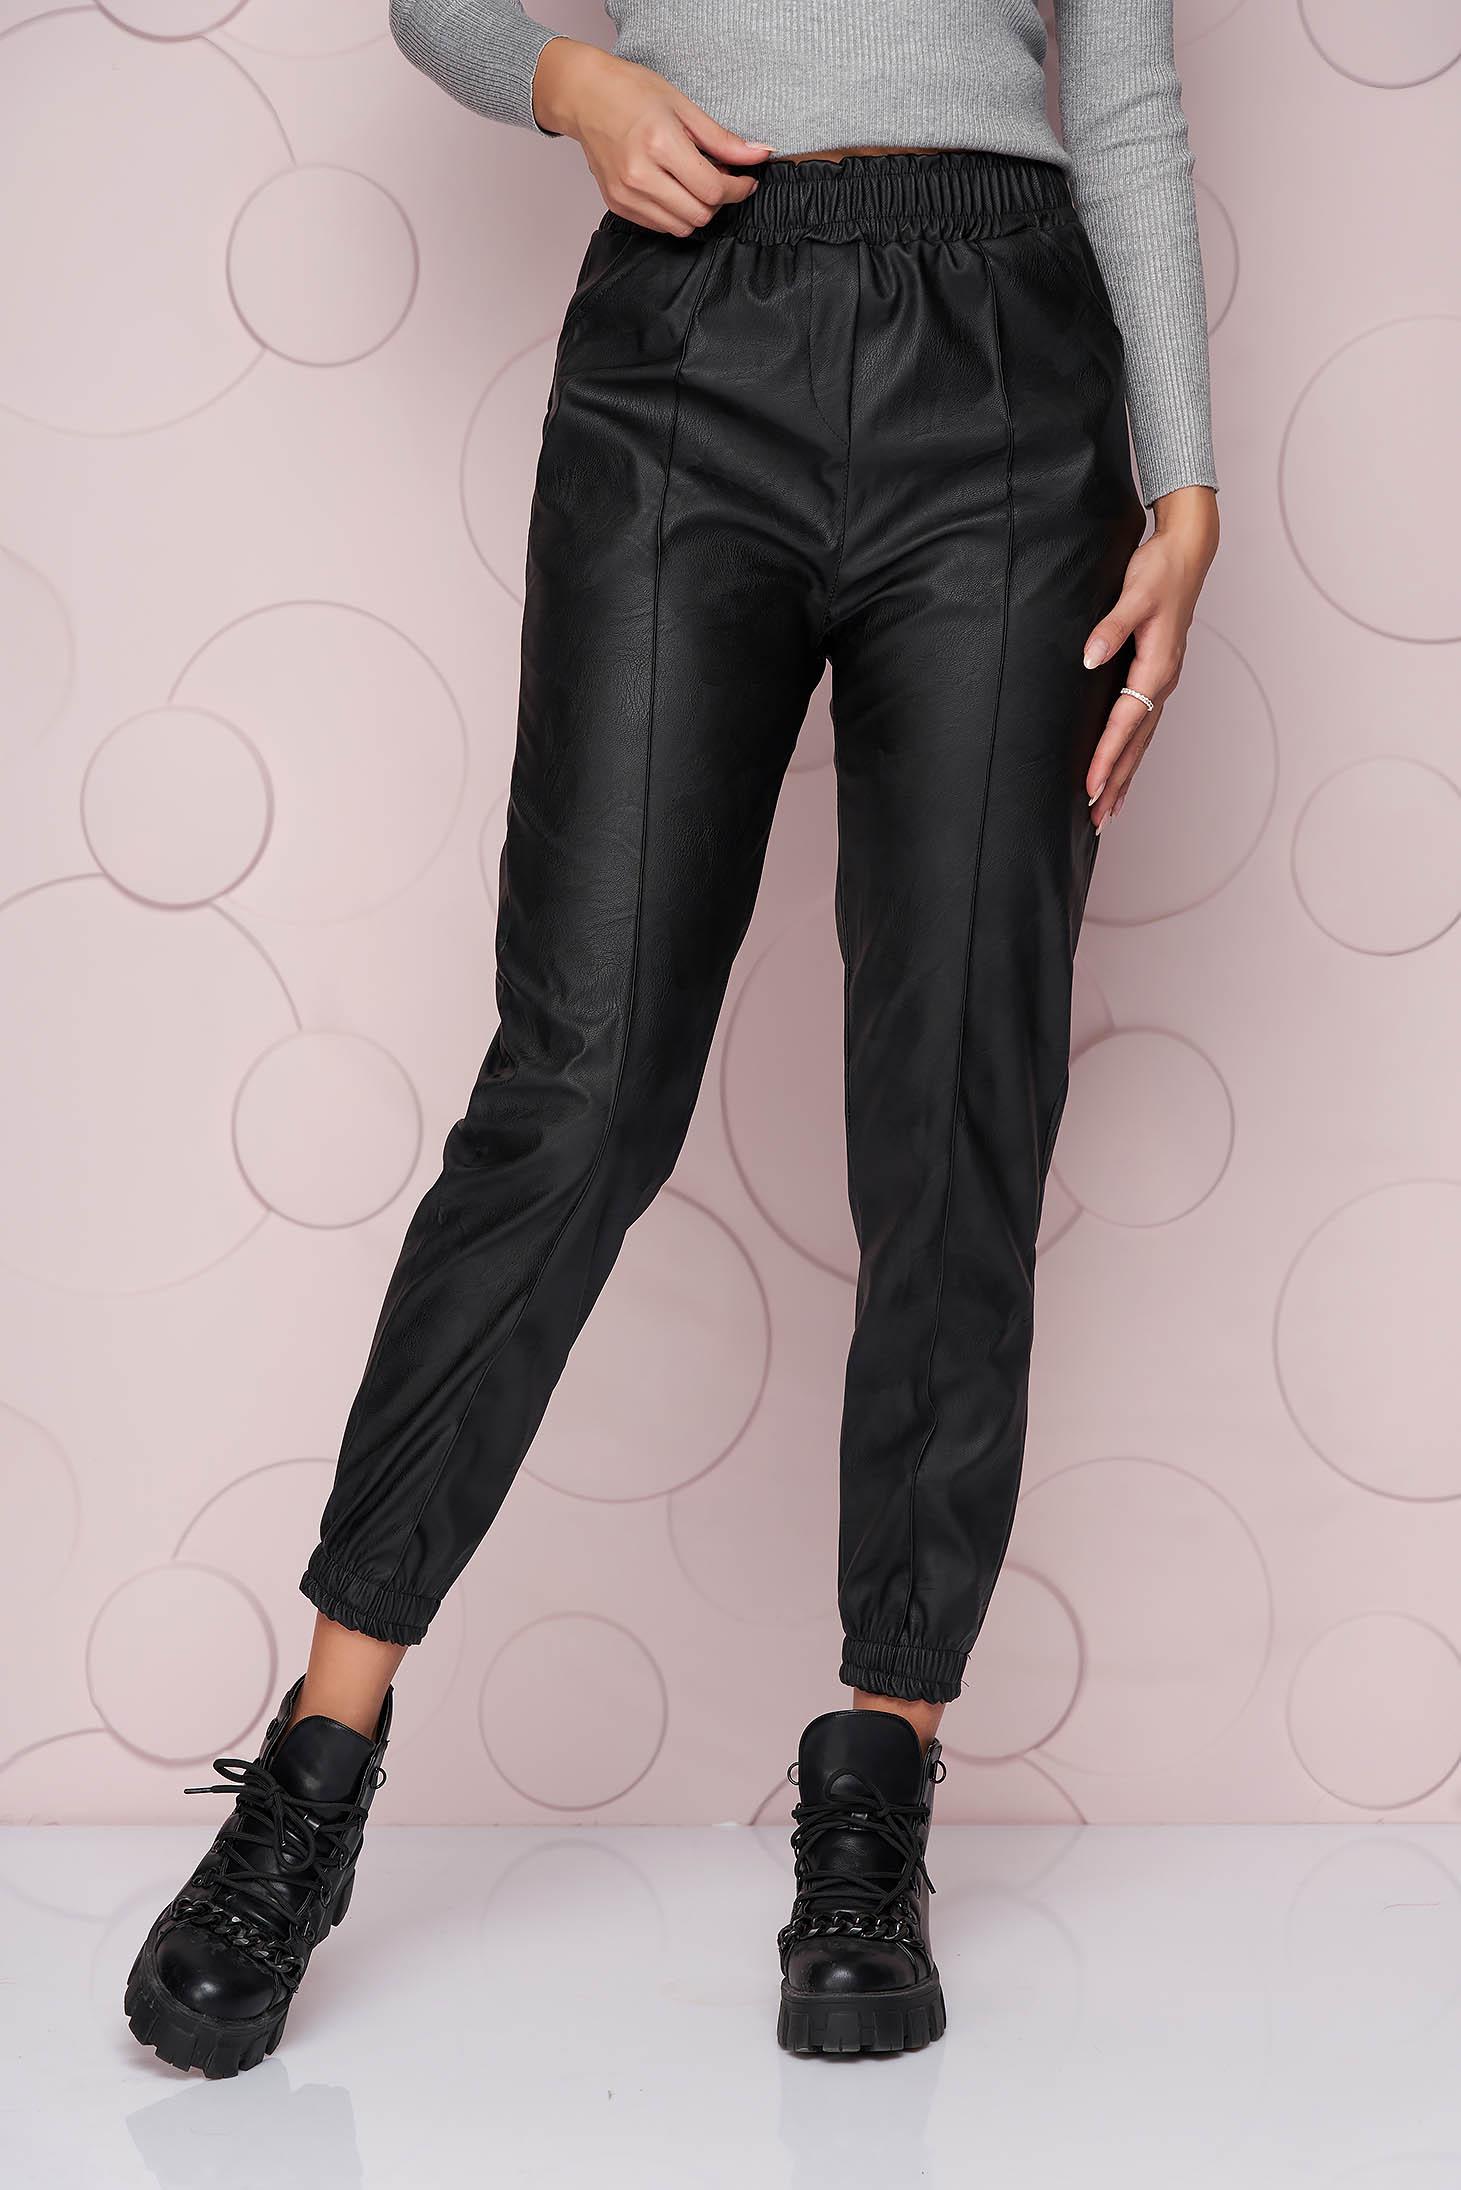 Hosszú fekete bő szabású szintetikus bőr nadrág rugalmas anyagból